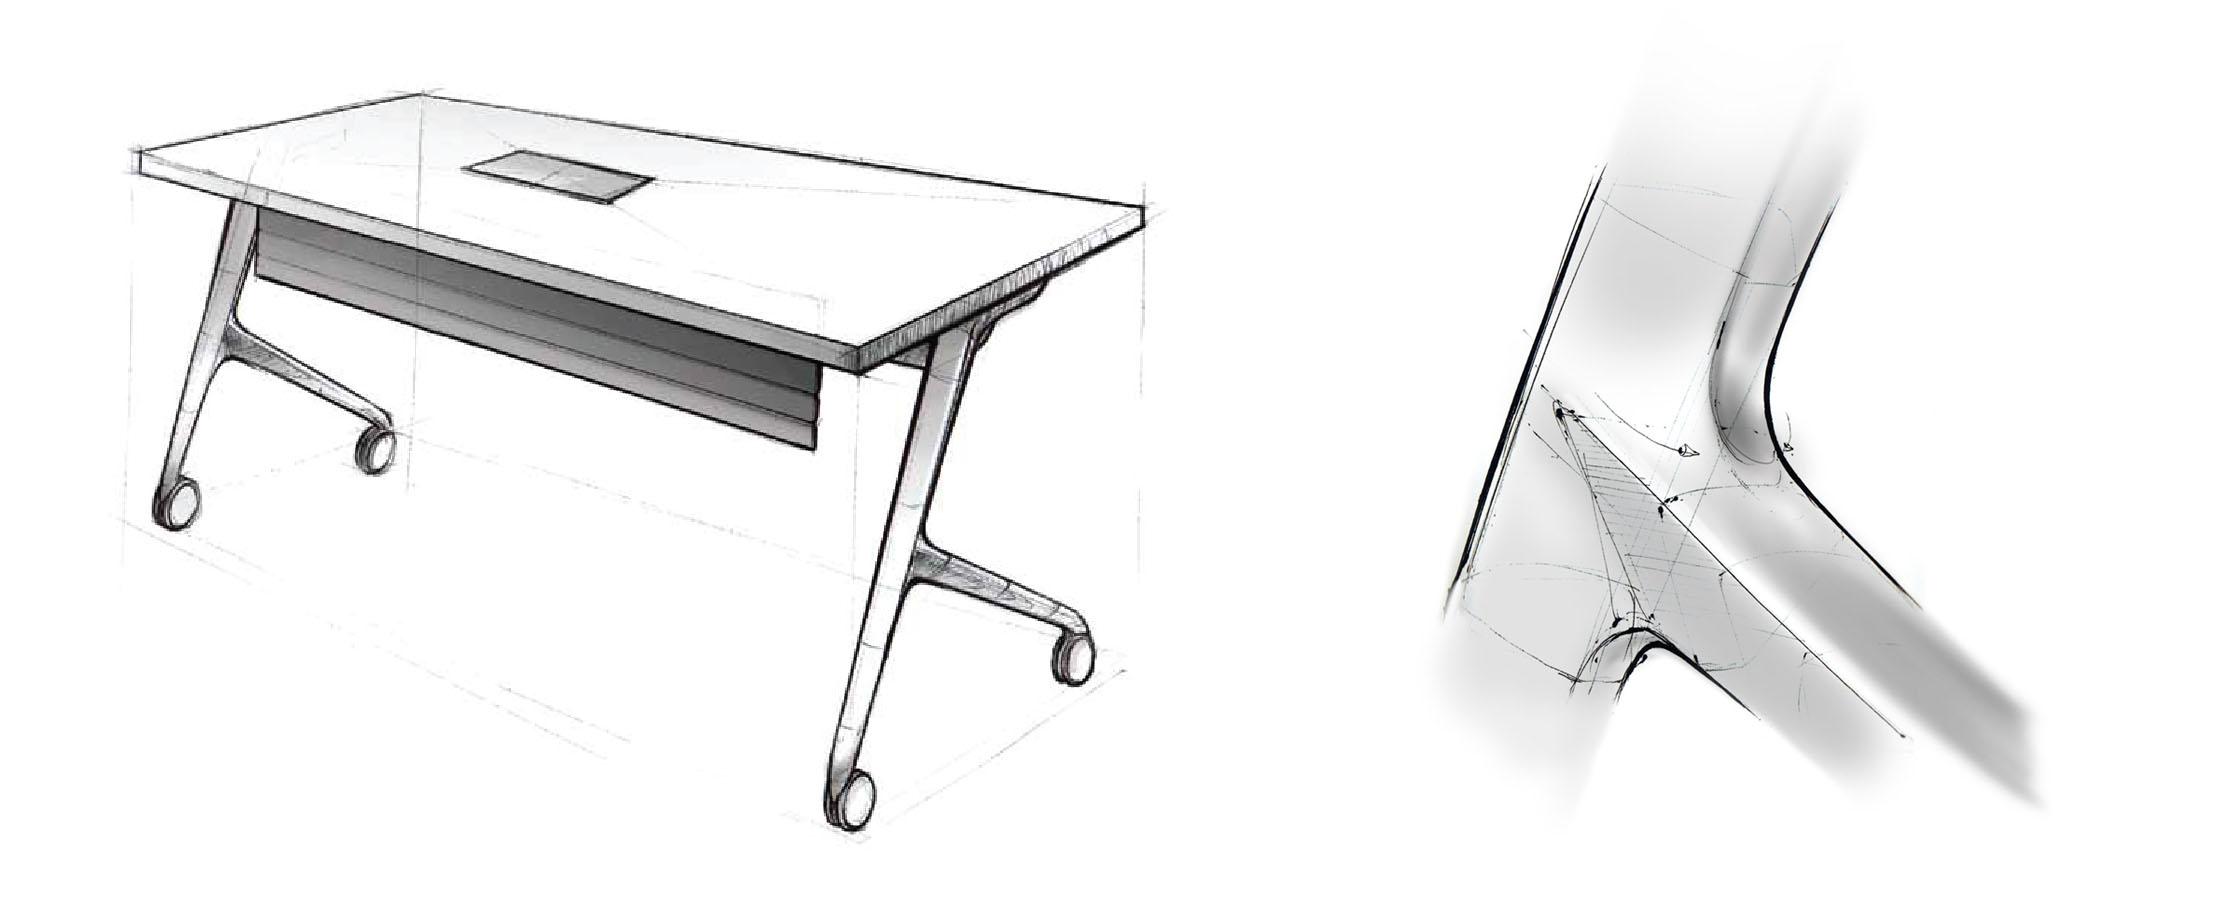 table_sketch.jpg